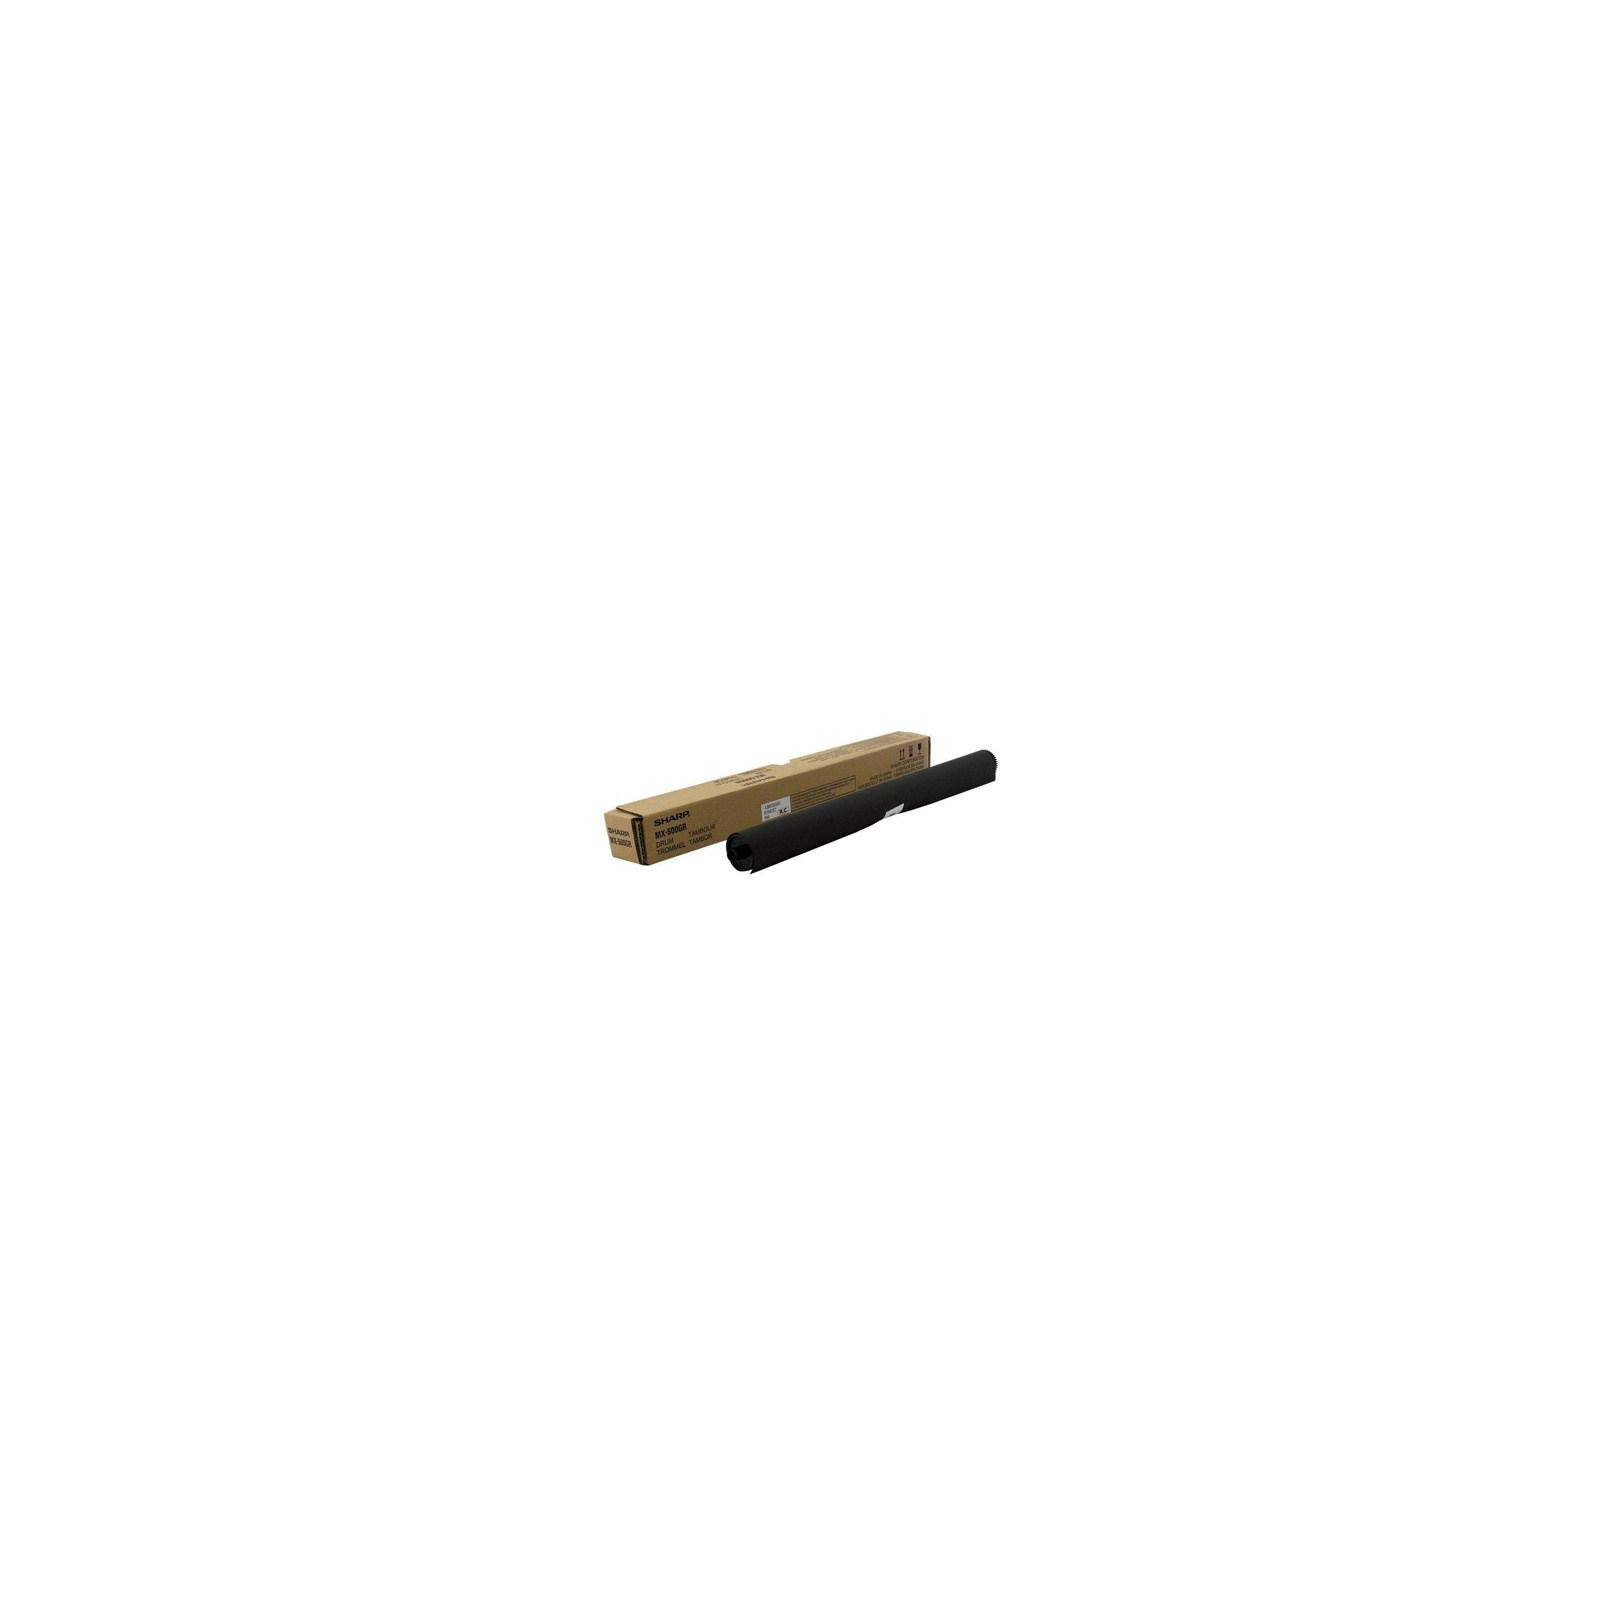 Фотобарабан SHARP MX 500GR для MX-M282/363/453/503 (MX500GR)